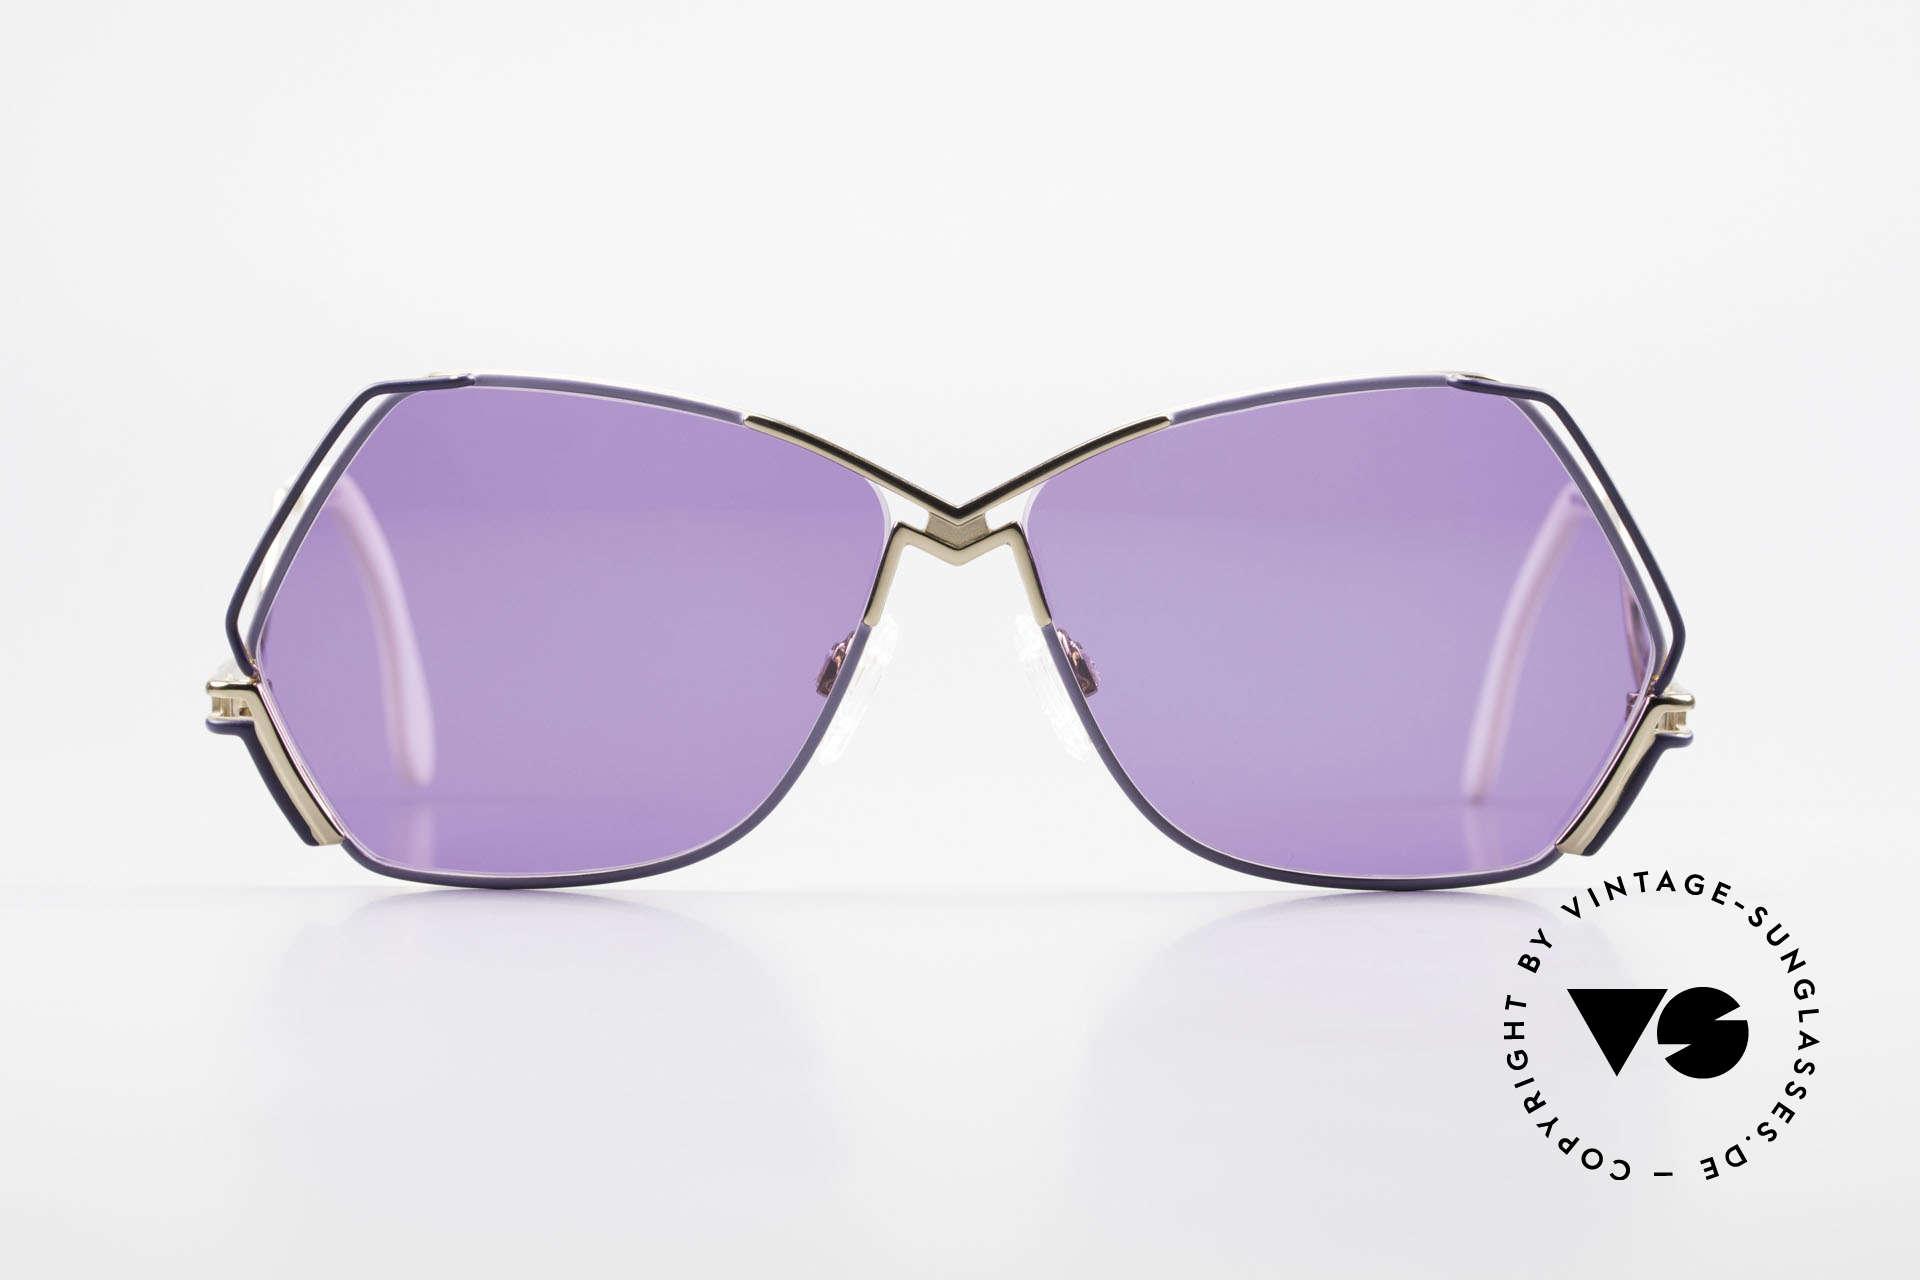 Cazal 226 Vintage Sonnenbrille Damen, zauberhafte Creation von CAri ZALloni (Mr. CAZAL), Passend für Damen